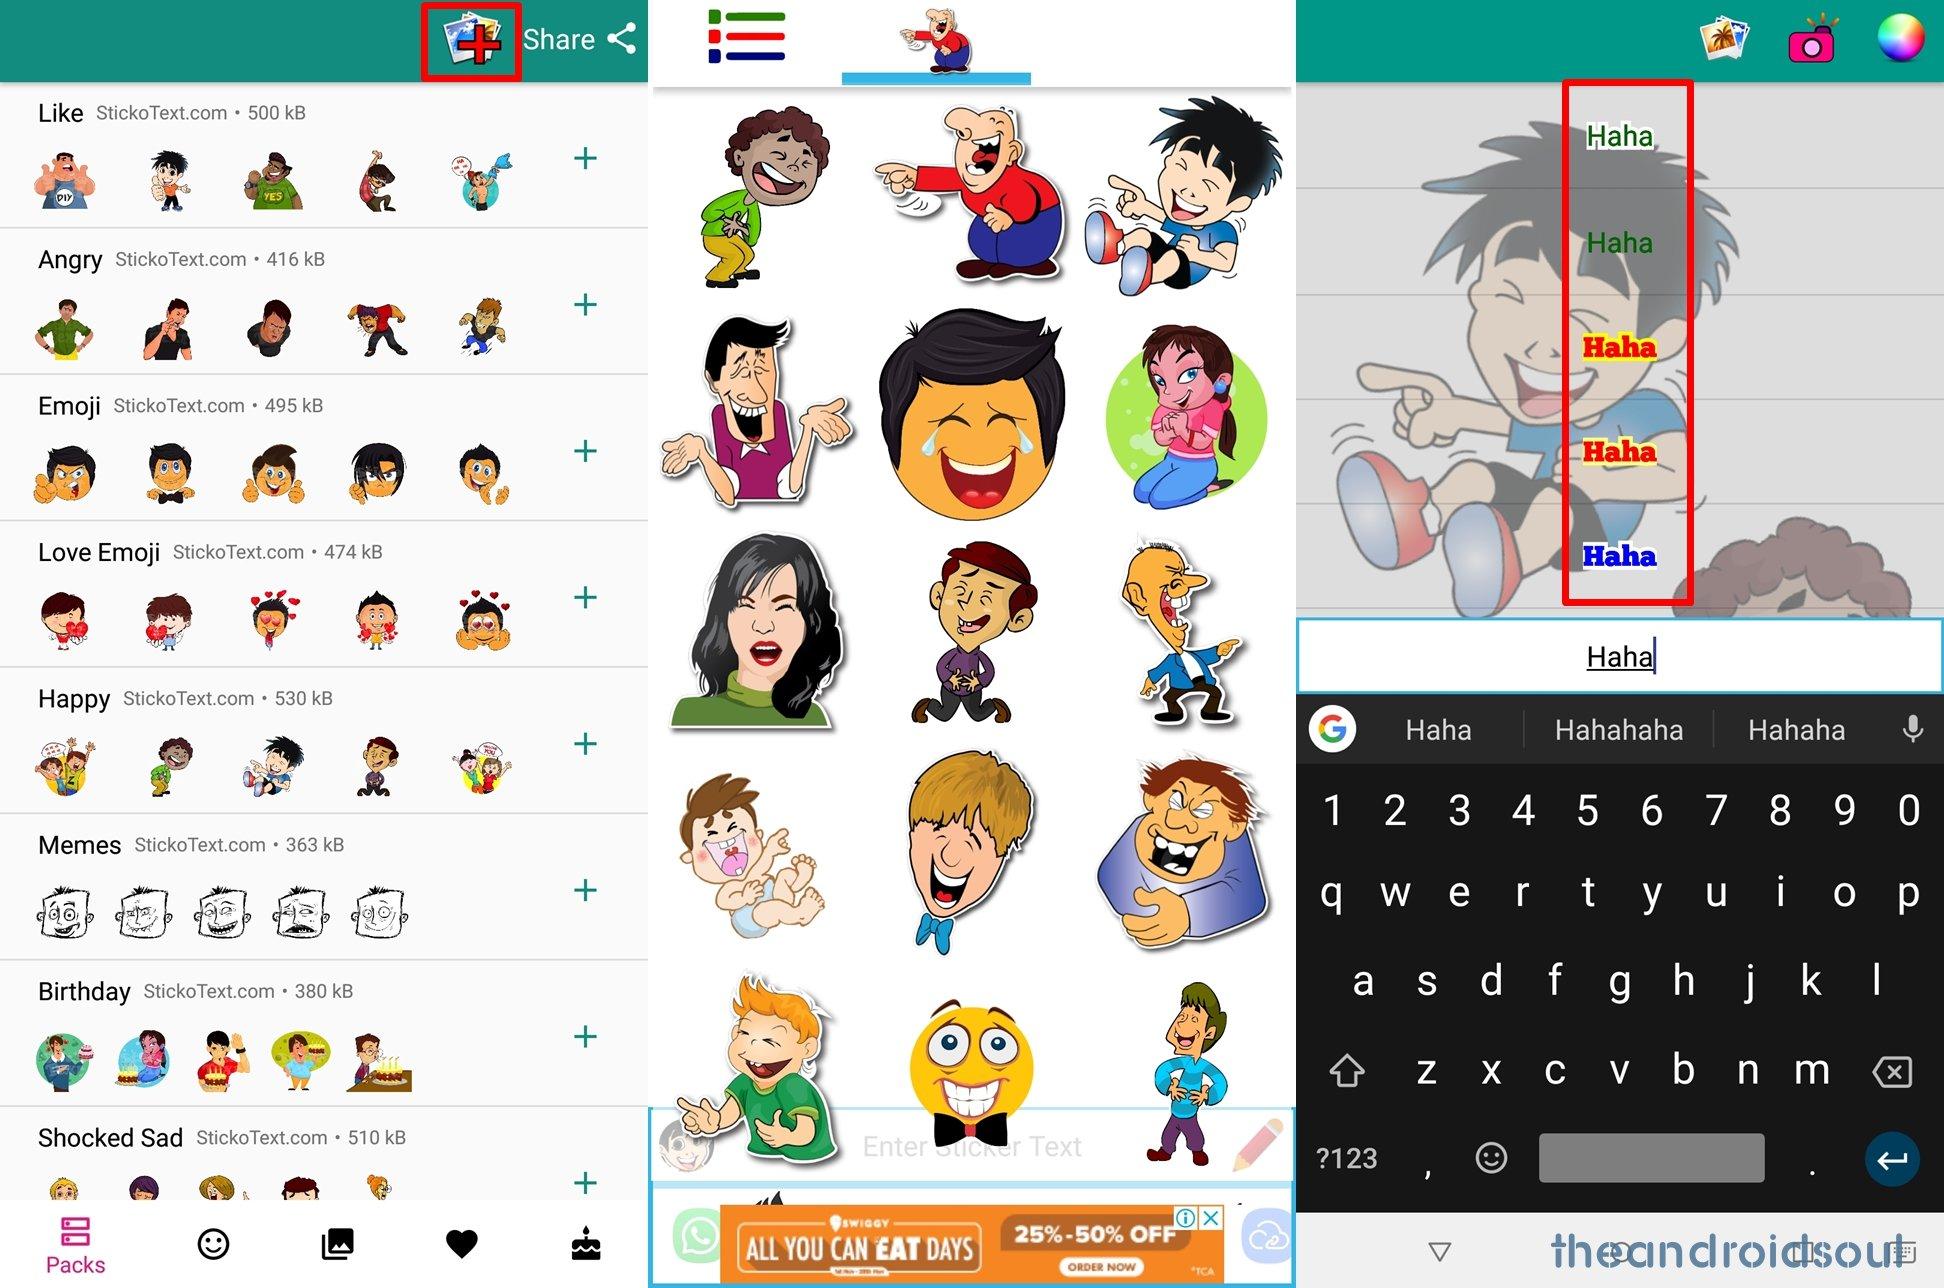 WhatsApp-sticker-text